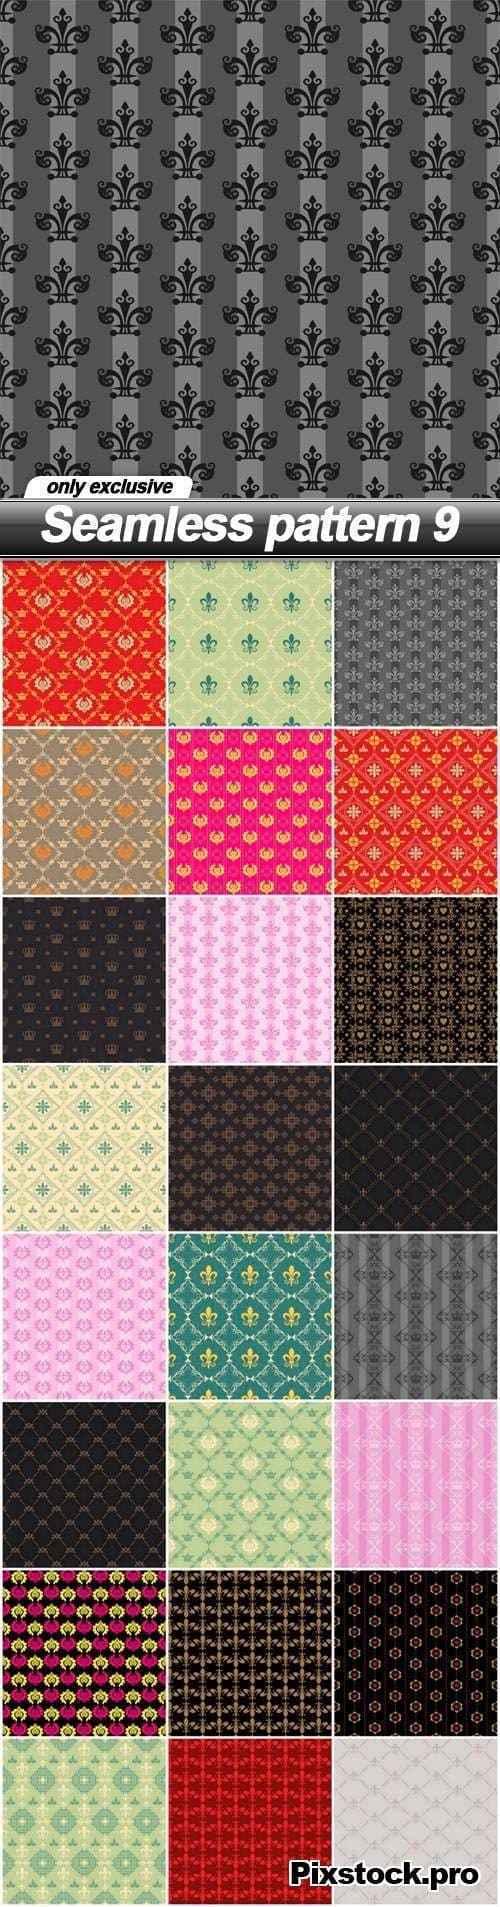 Seamless pattern 9 – 25 EPS